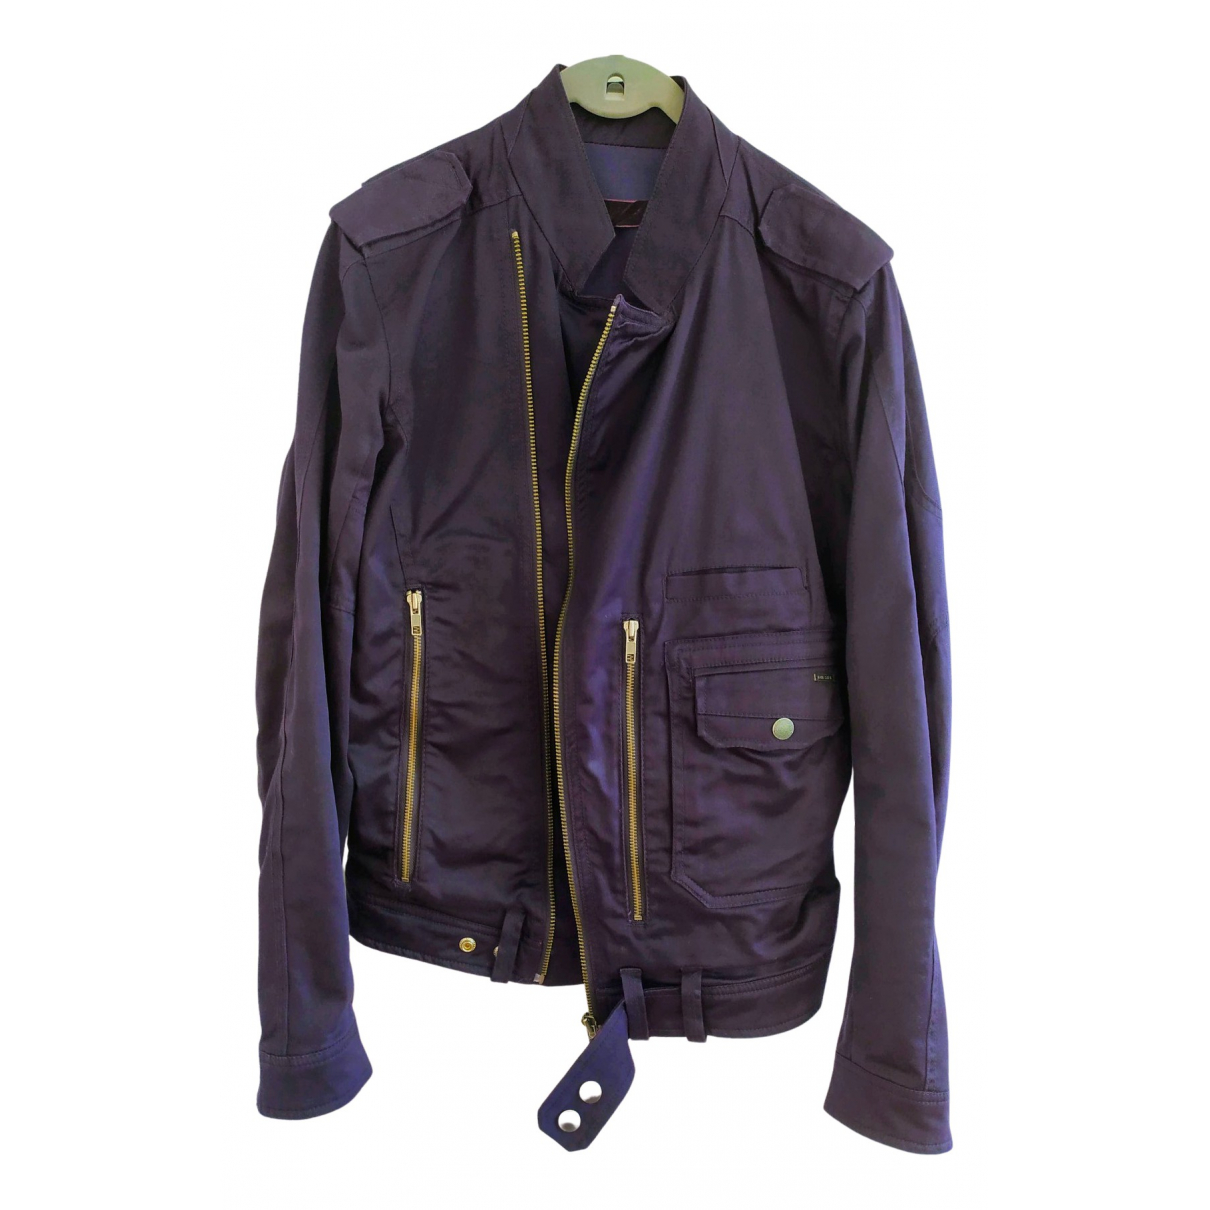 Diesel - Vestes.Blousons   pour homme en coton - violet